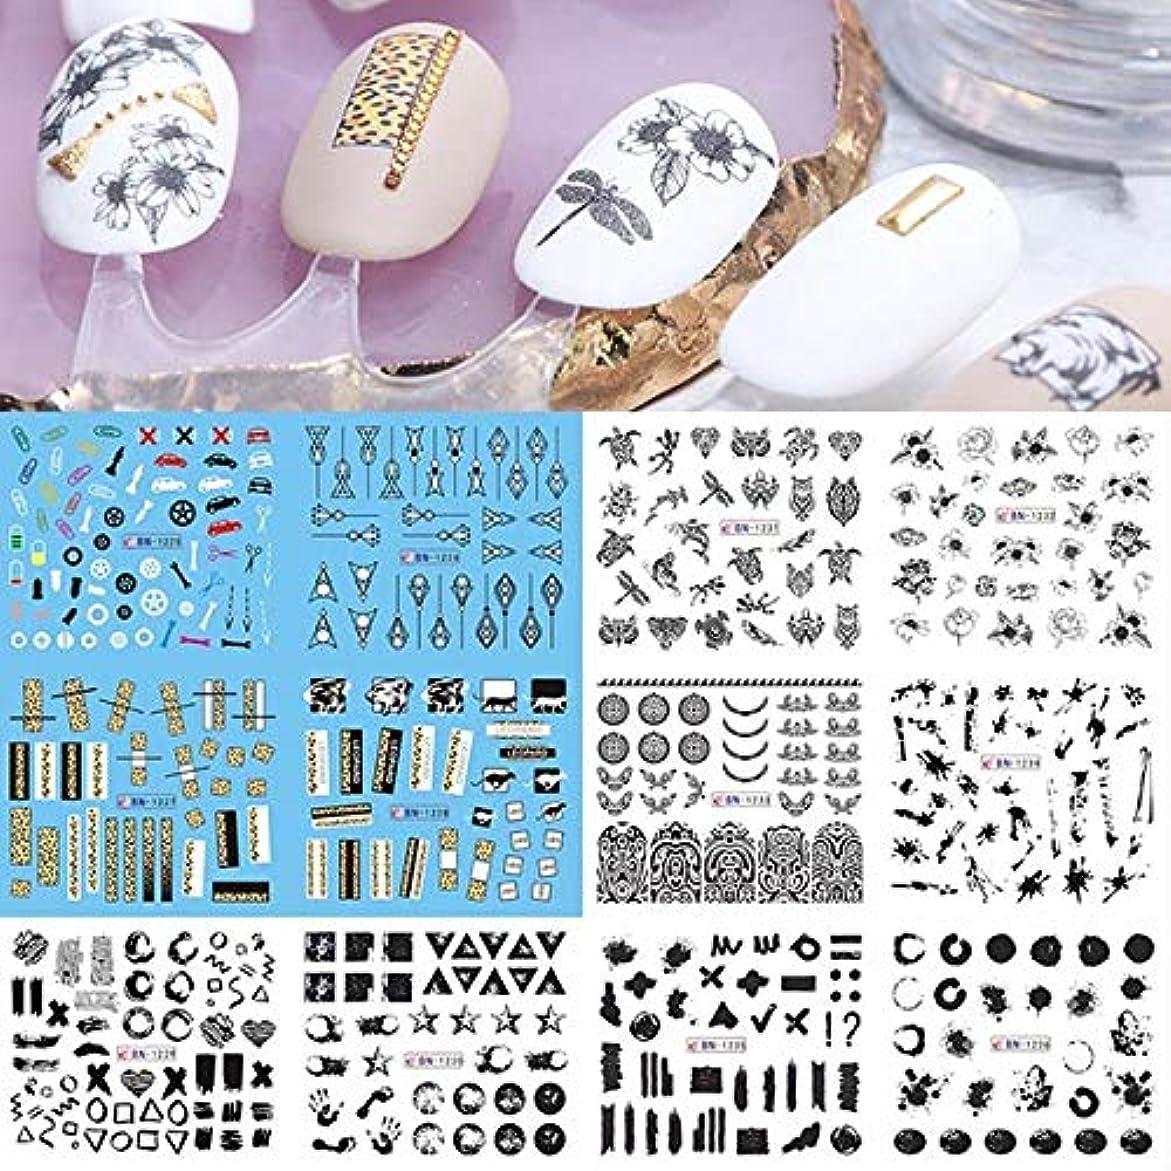 チップコロニアルはげSUKTI&XIAO ネイルステッカー ネイルウォーターステッカー1セットホイルセクシーな女の子マニキュアスライダーライン描画転送ステッカーネイルアートデカ、Bn1225-1236